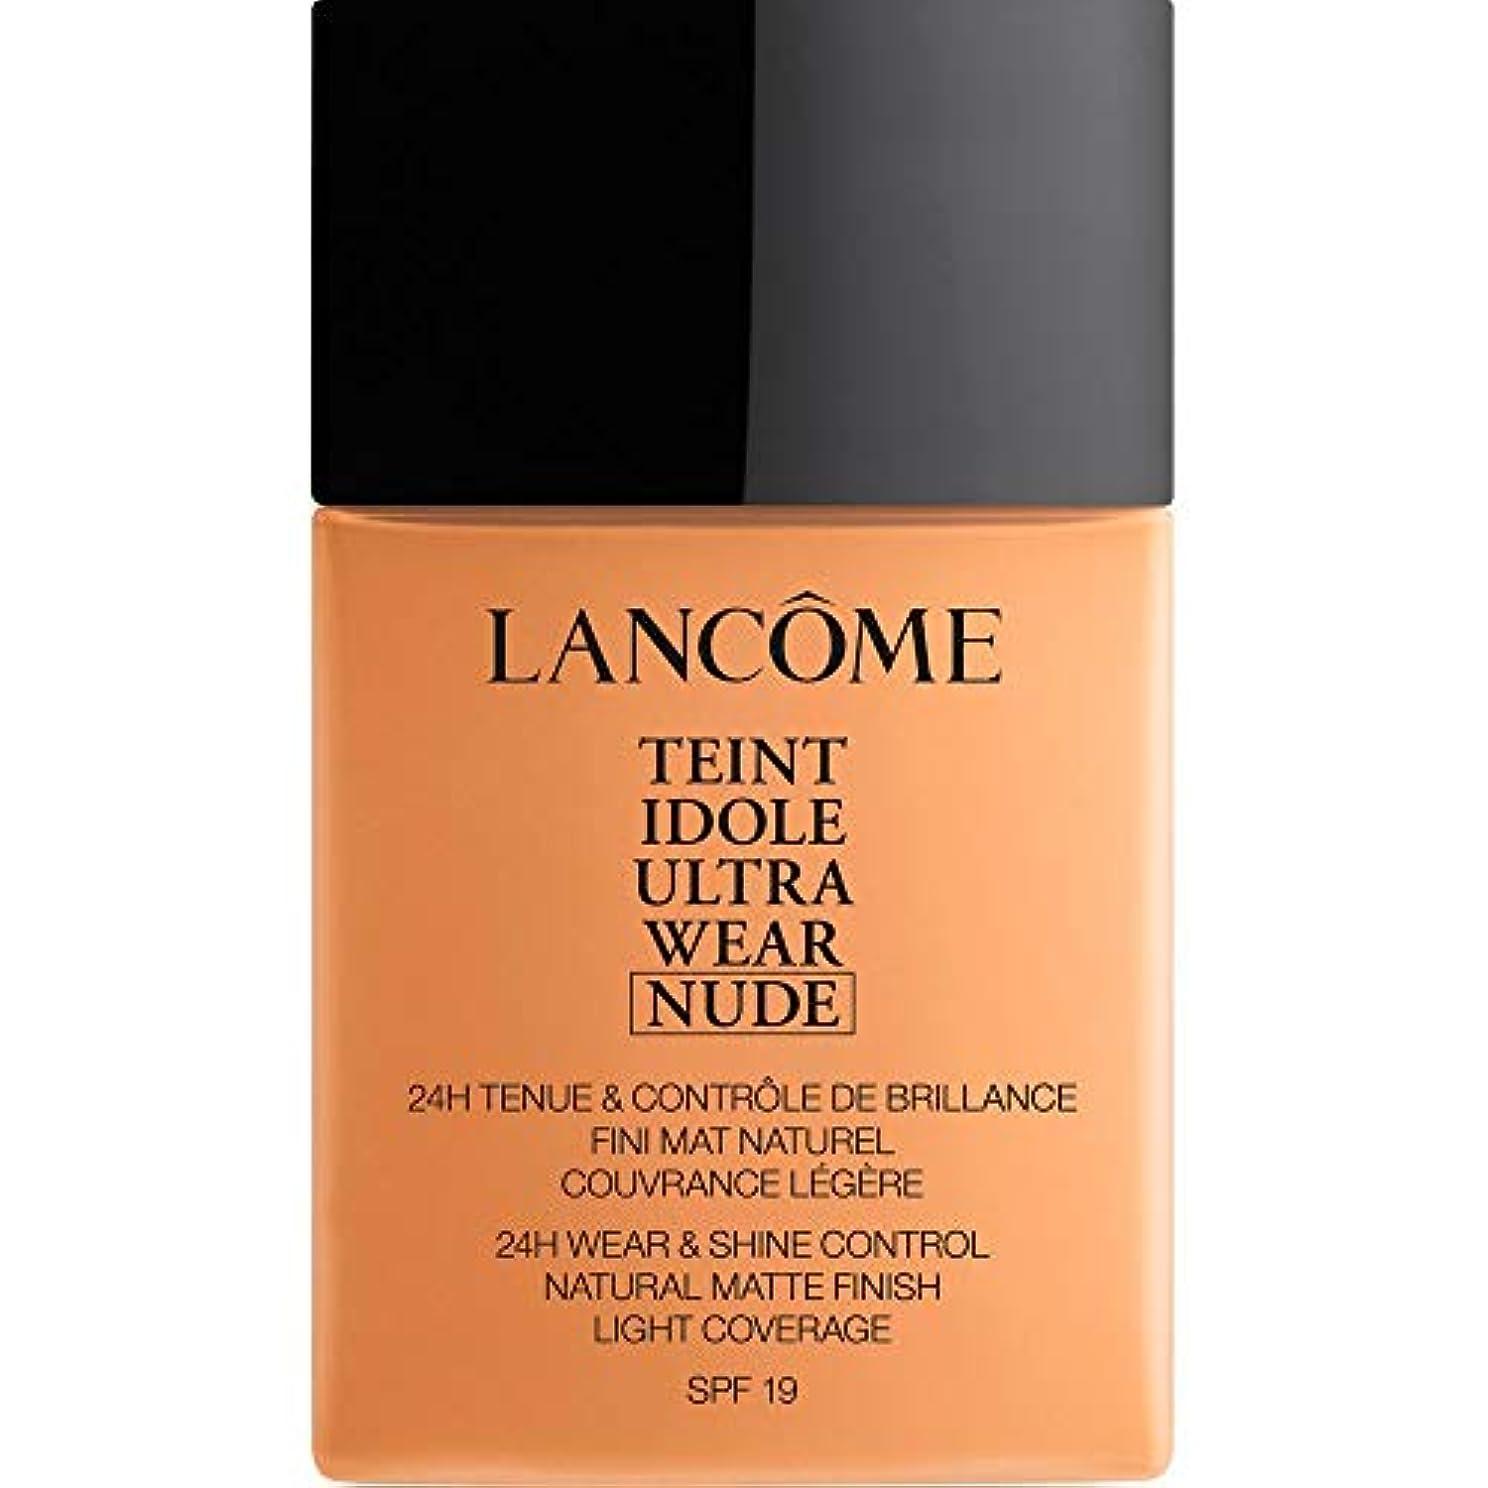 帝国せっかち強います[Lanc?me ] ランコムTeintのIdole超摩耗ヌード財団Spf19の40ミリリットル050 - ベージュアンブレ - Lancome Teint Idole Ultra Wear Nude Foundation...